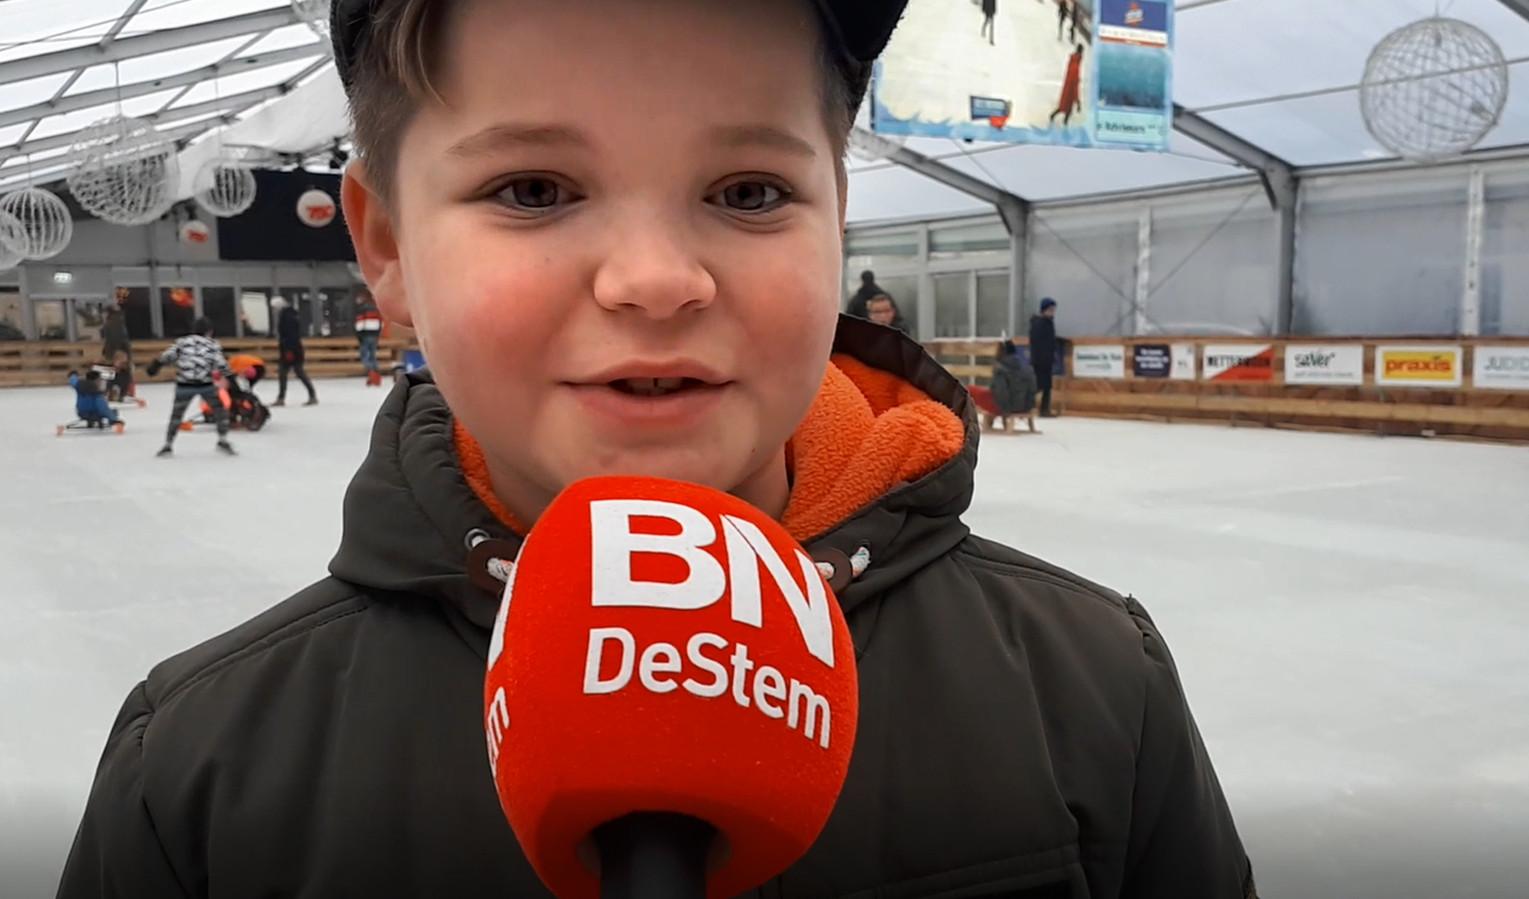 Damian heeft het naar zijn zin bij de ijsbaan op de Markt in Roosendaal